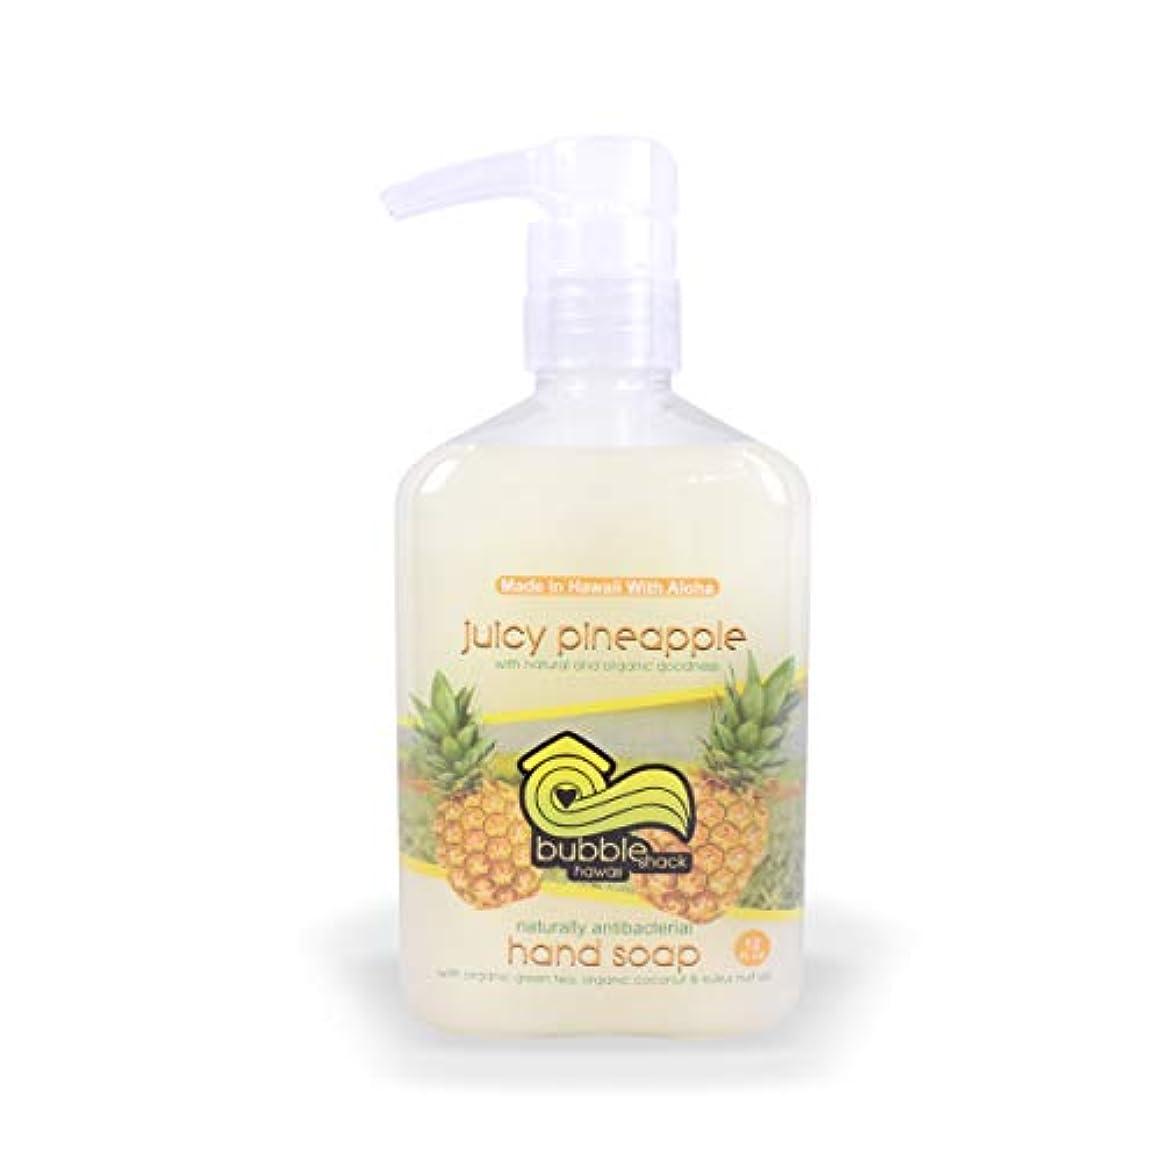 ビジュアル石の地殻【正規輸入品】 バブルシャック?ハワイ Bubble shack Hand Soap ハンドソープ juicy pineapple ジューシーパイナップル 340ml